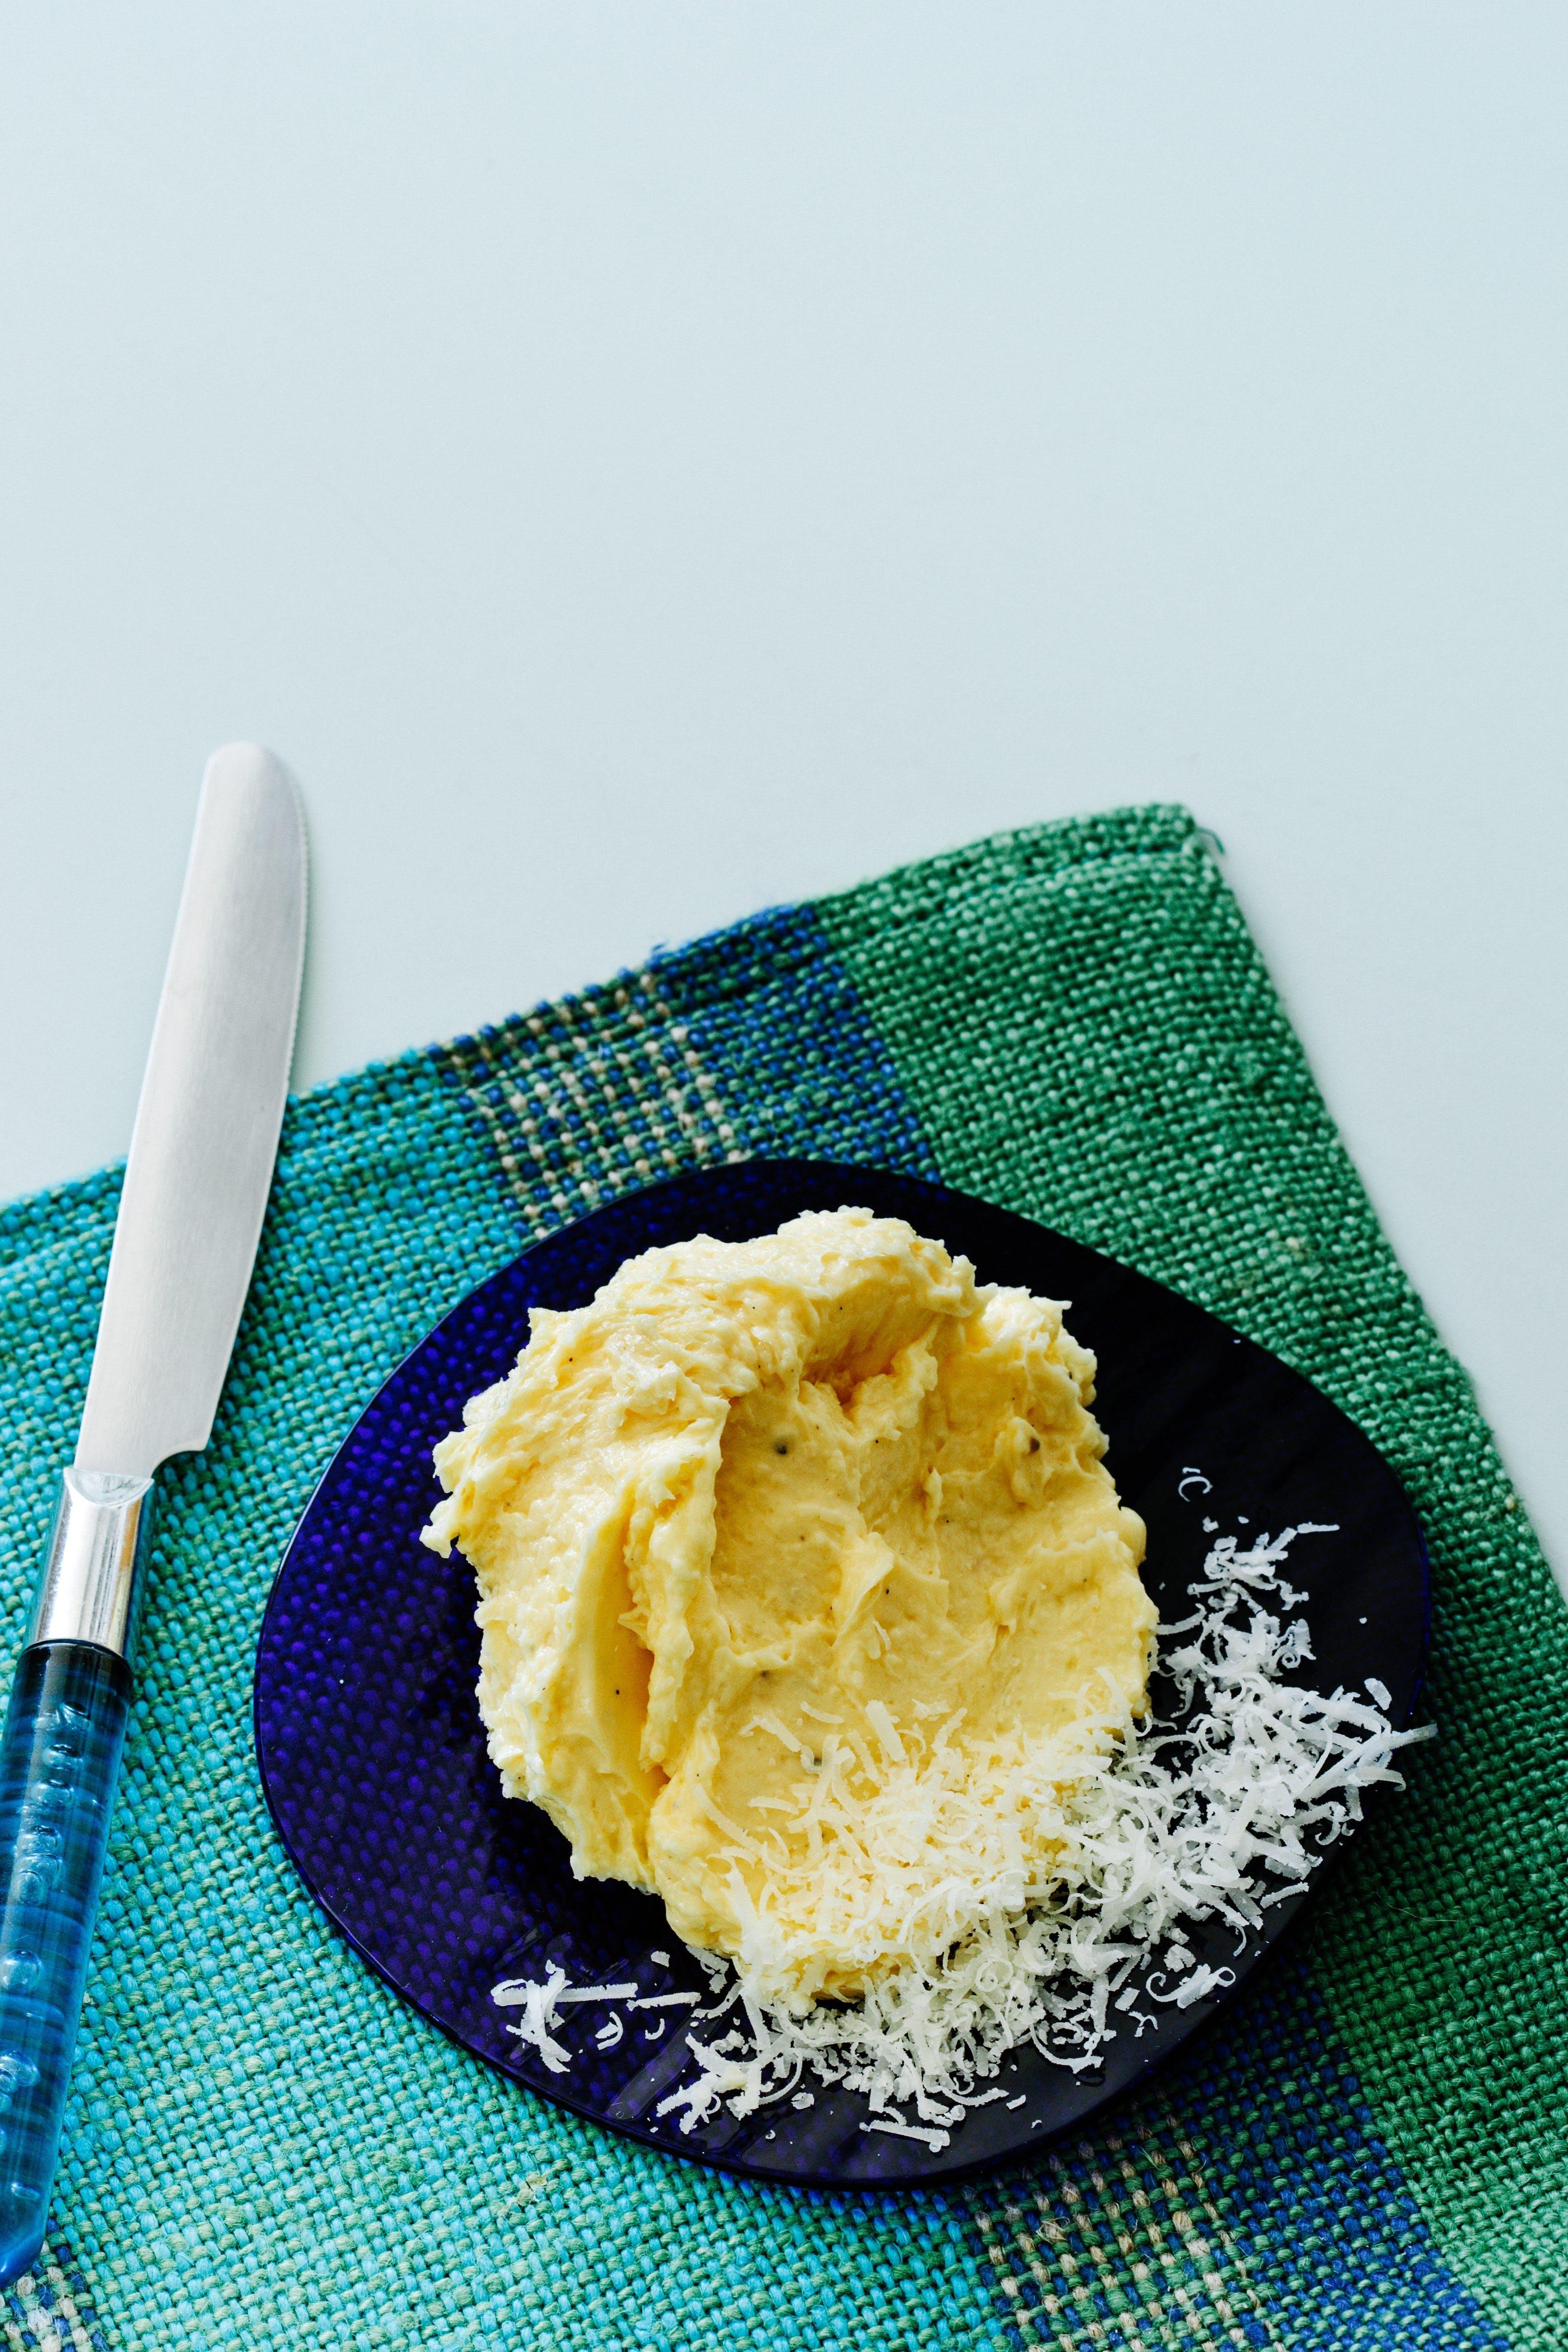 Parmesan butter